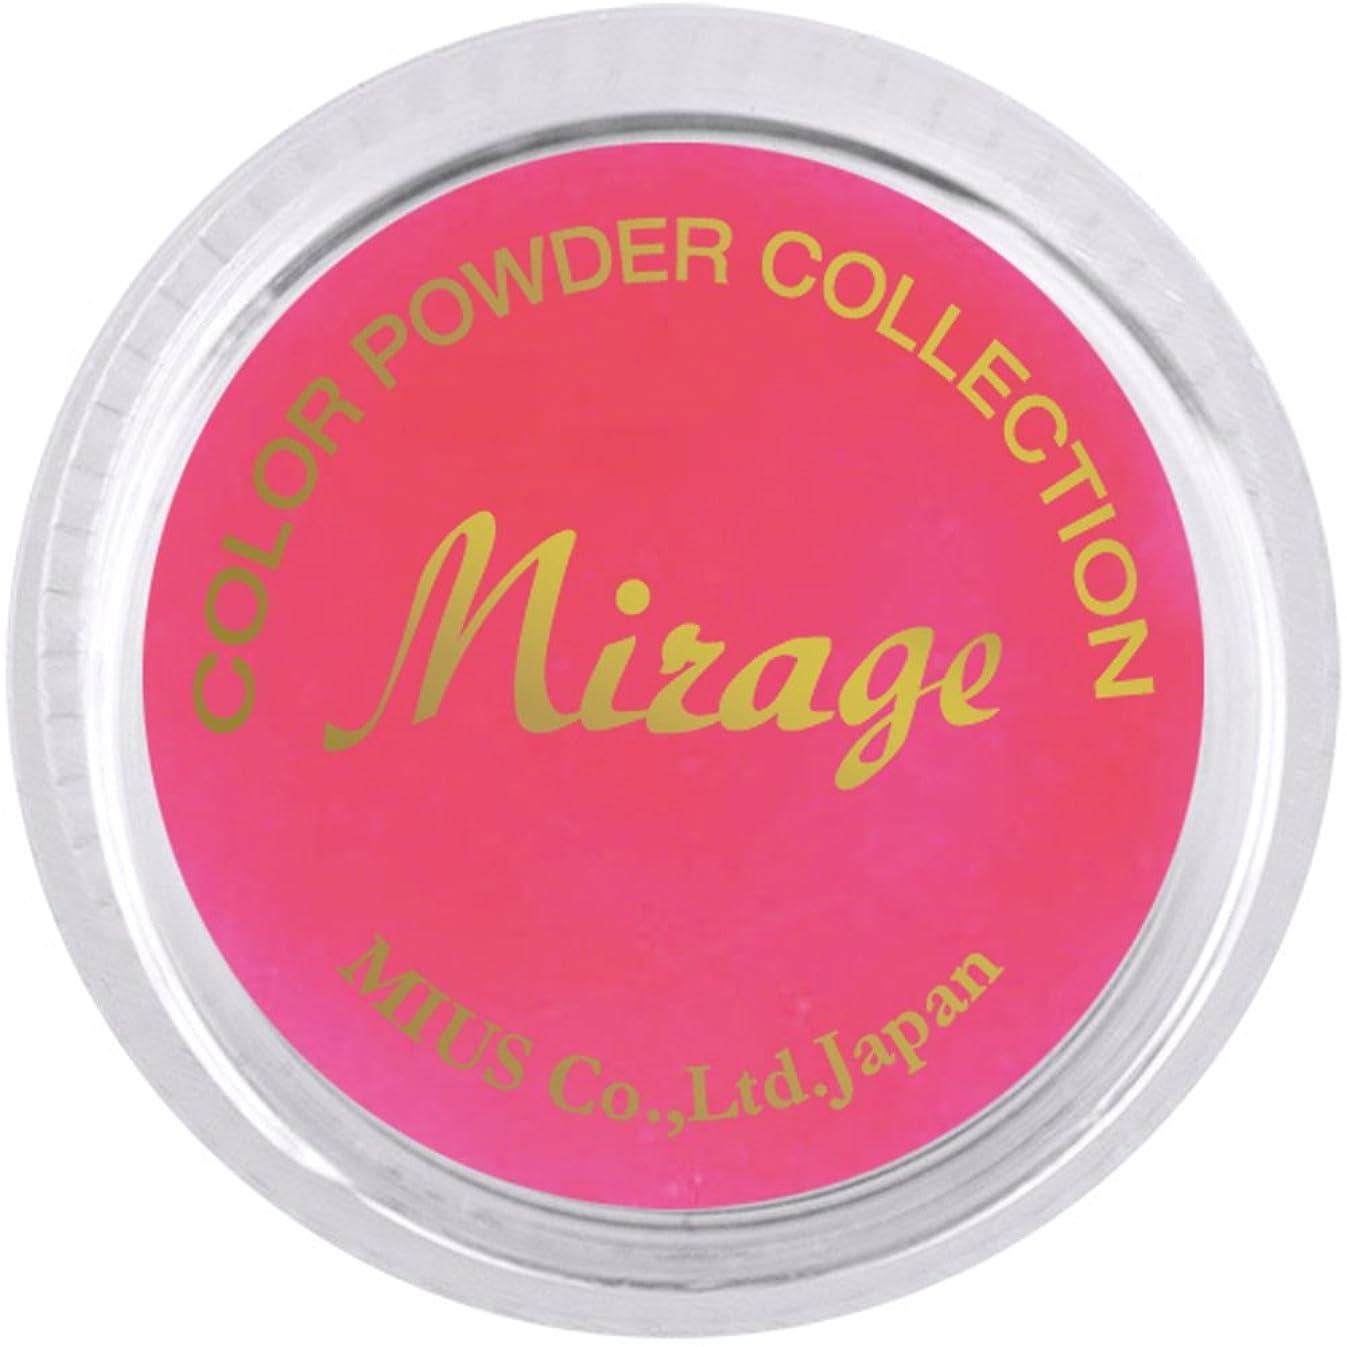 エキサイティングマニア含むミラージュ カラーパウダー N/CPS-4  7g  アクリルパウダー 色鮮やかな蛍光スタンダードカラー